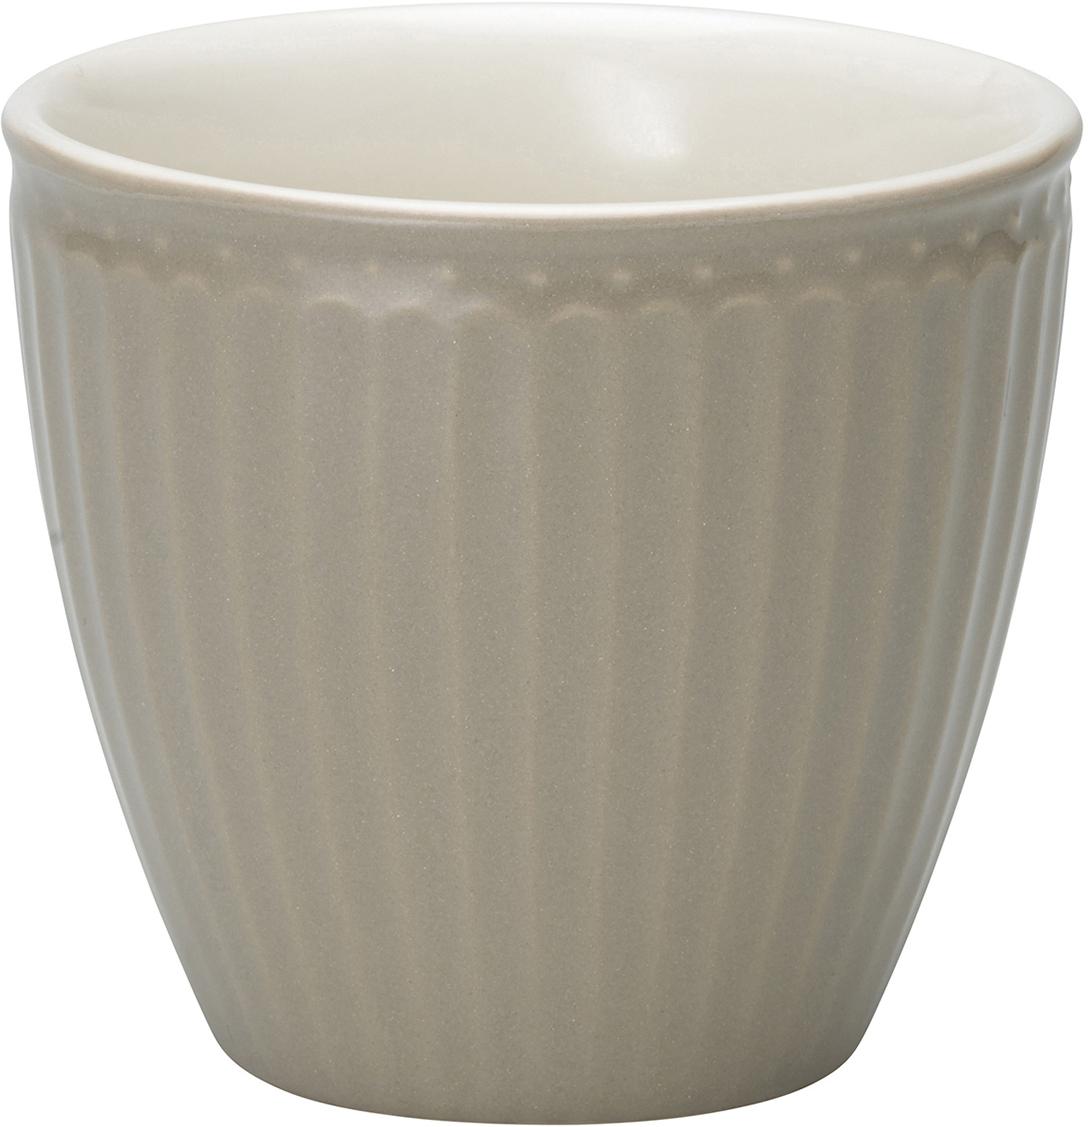 Фарфоровые стаканы, чашки для латте Alice warm grey – фаворит посудных каталогов GreenGate – прекрасно подходят как для горячих напитков - чая, кофе или какао – так и для холодных. Ягоды, мороженое, утренние сухие завтраки с молоком и йогуртом также можно сервировать в стаканах. Отсутствие классической ручки у чашки отнюдь не помеха, а даже преимущество, позволяющее пополнять коллекцию новыми моделями почти без ущерба пространству кухонных шкафов, ведь они прекрасно помещаются один в другом даже на самых миниатюрных кухнях.